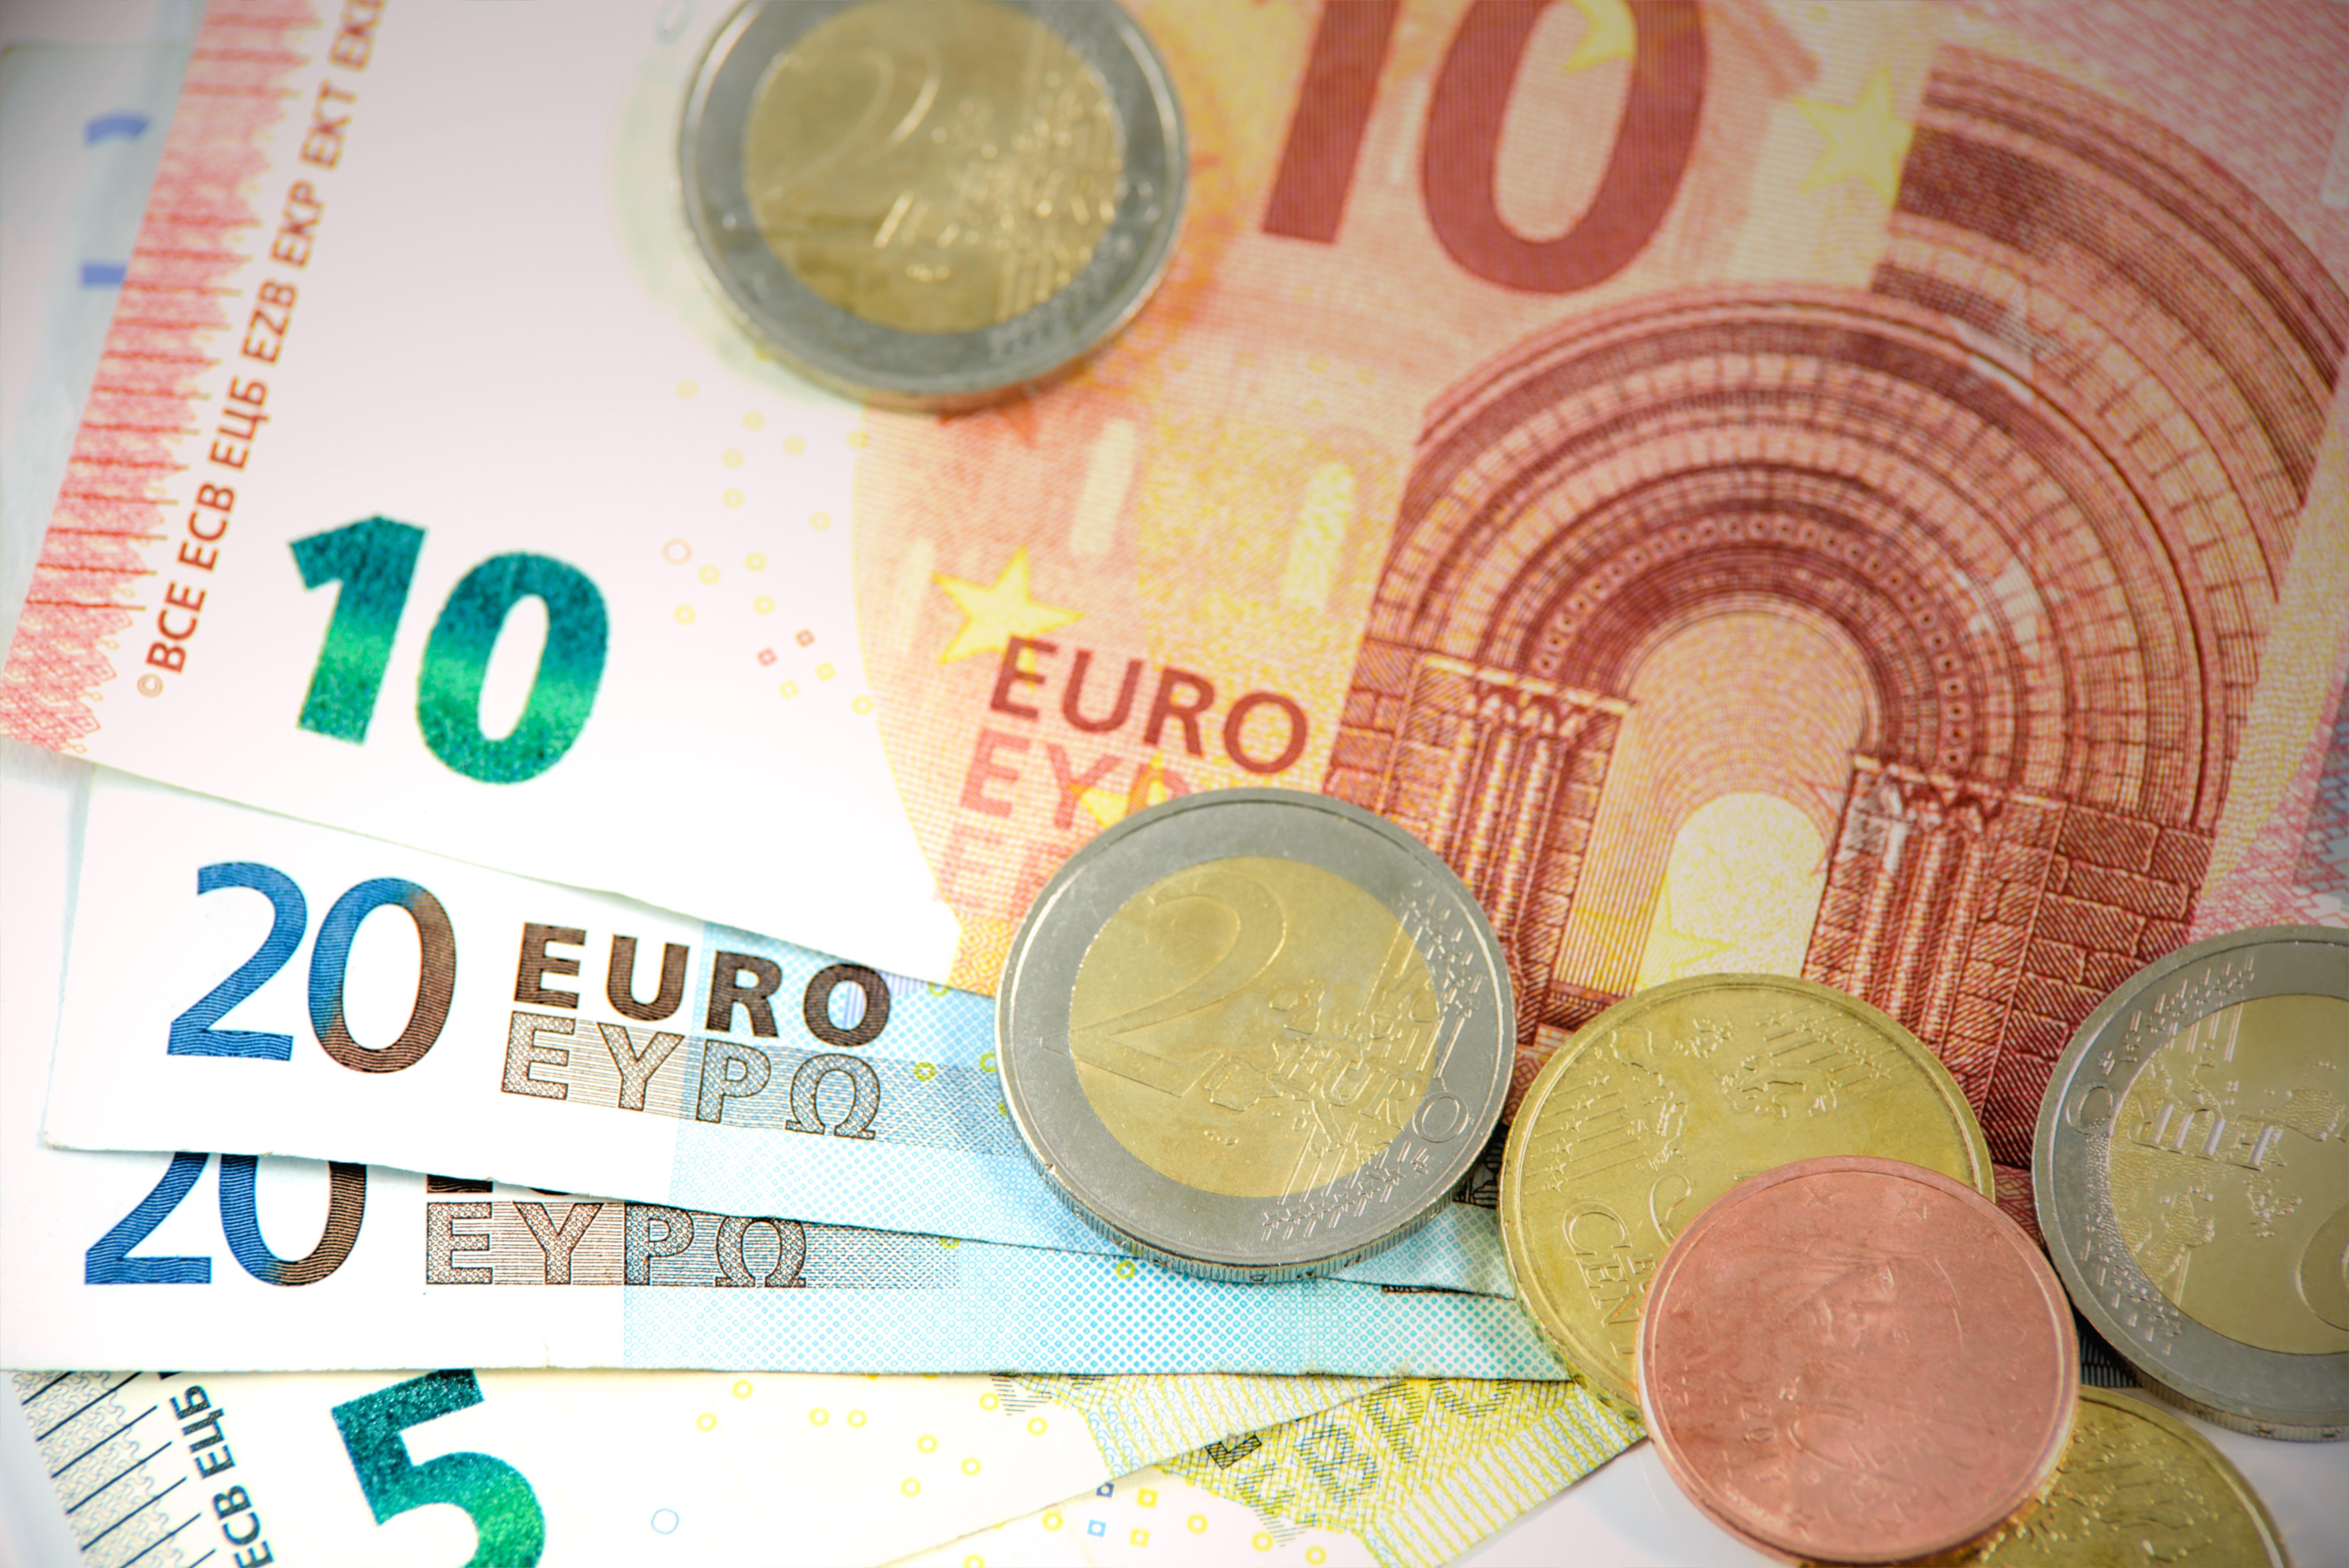 Images Gratuites L Europe Argent Entreprise Fabrication En Espèces Banque Devise Euro Pièce De Monnaie Changement Bancaire Riches Crédit